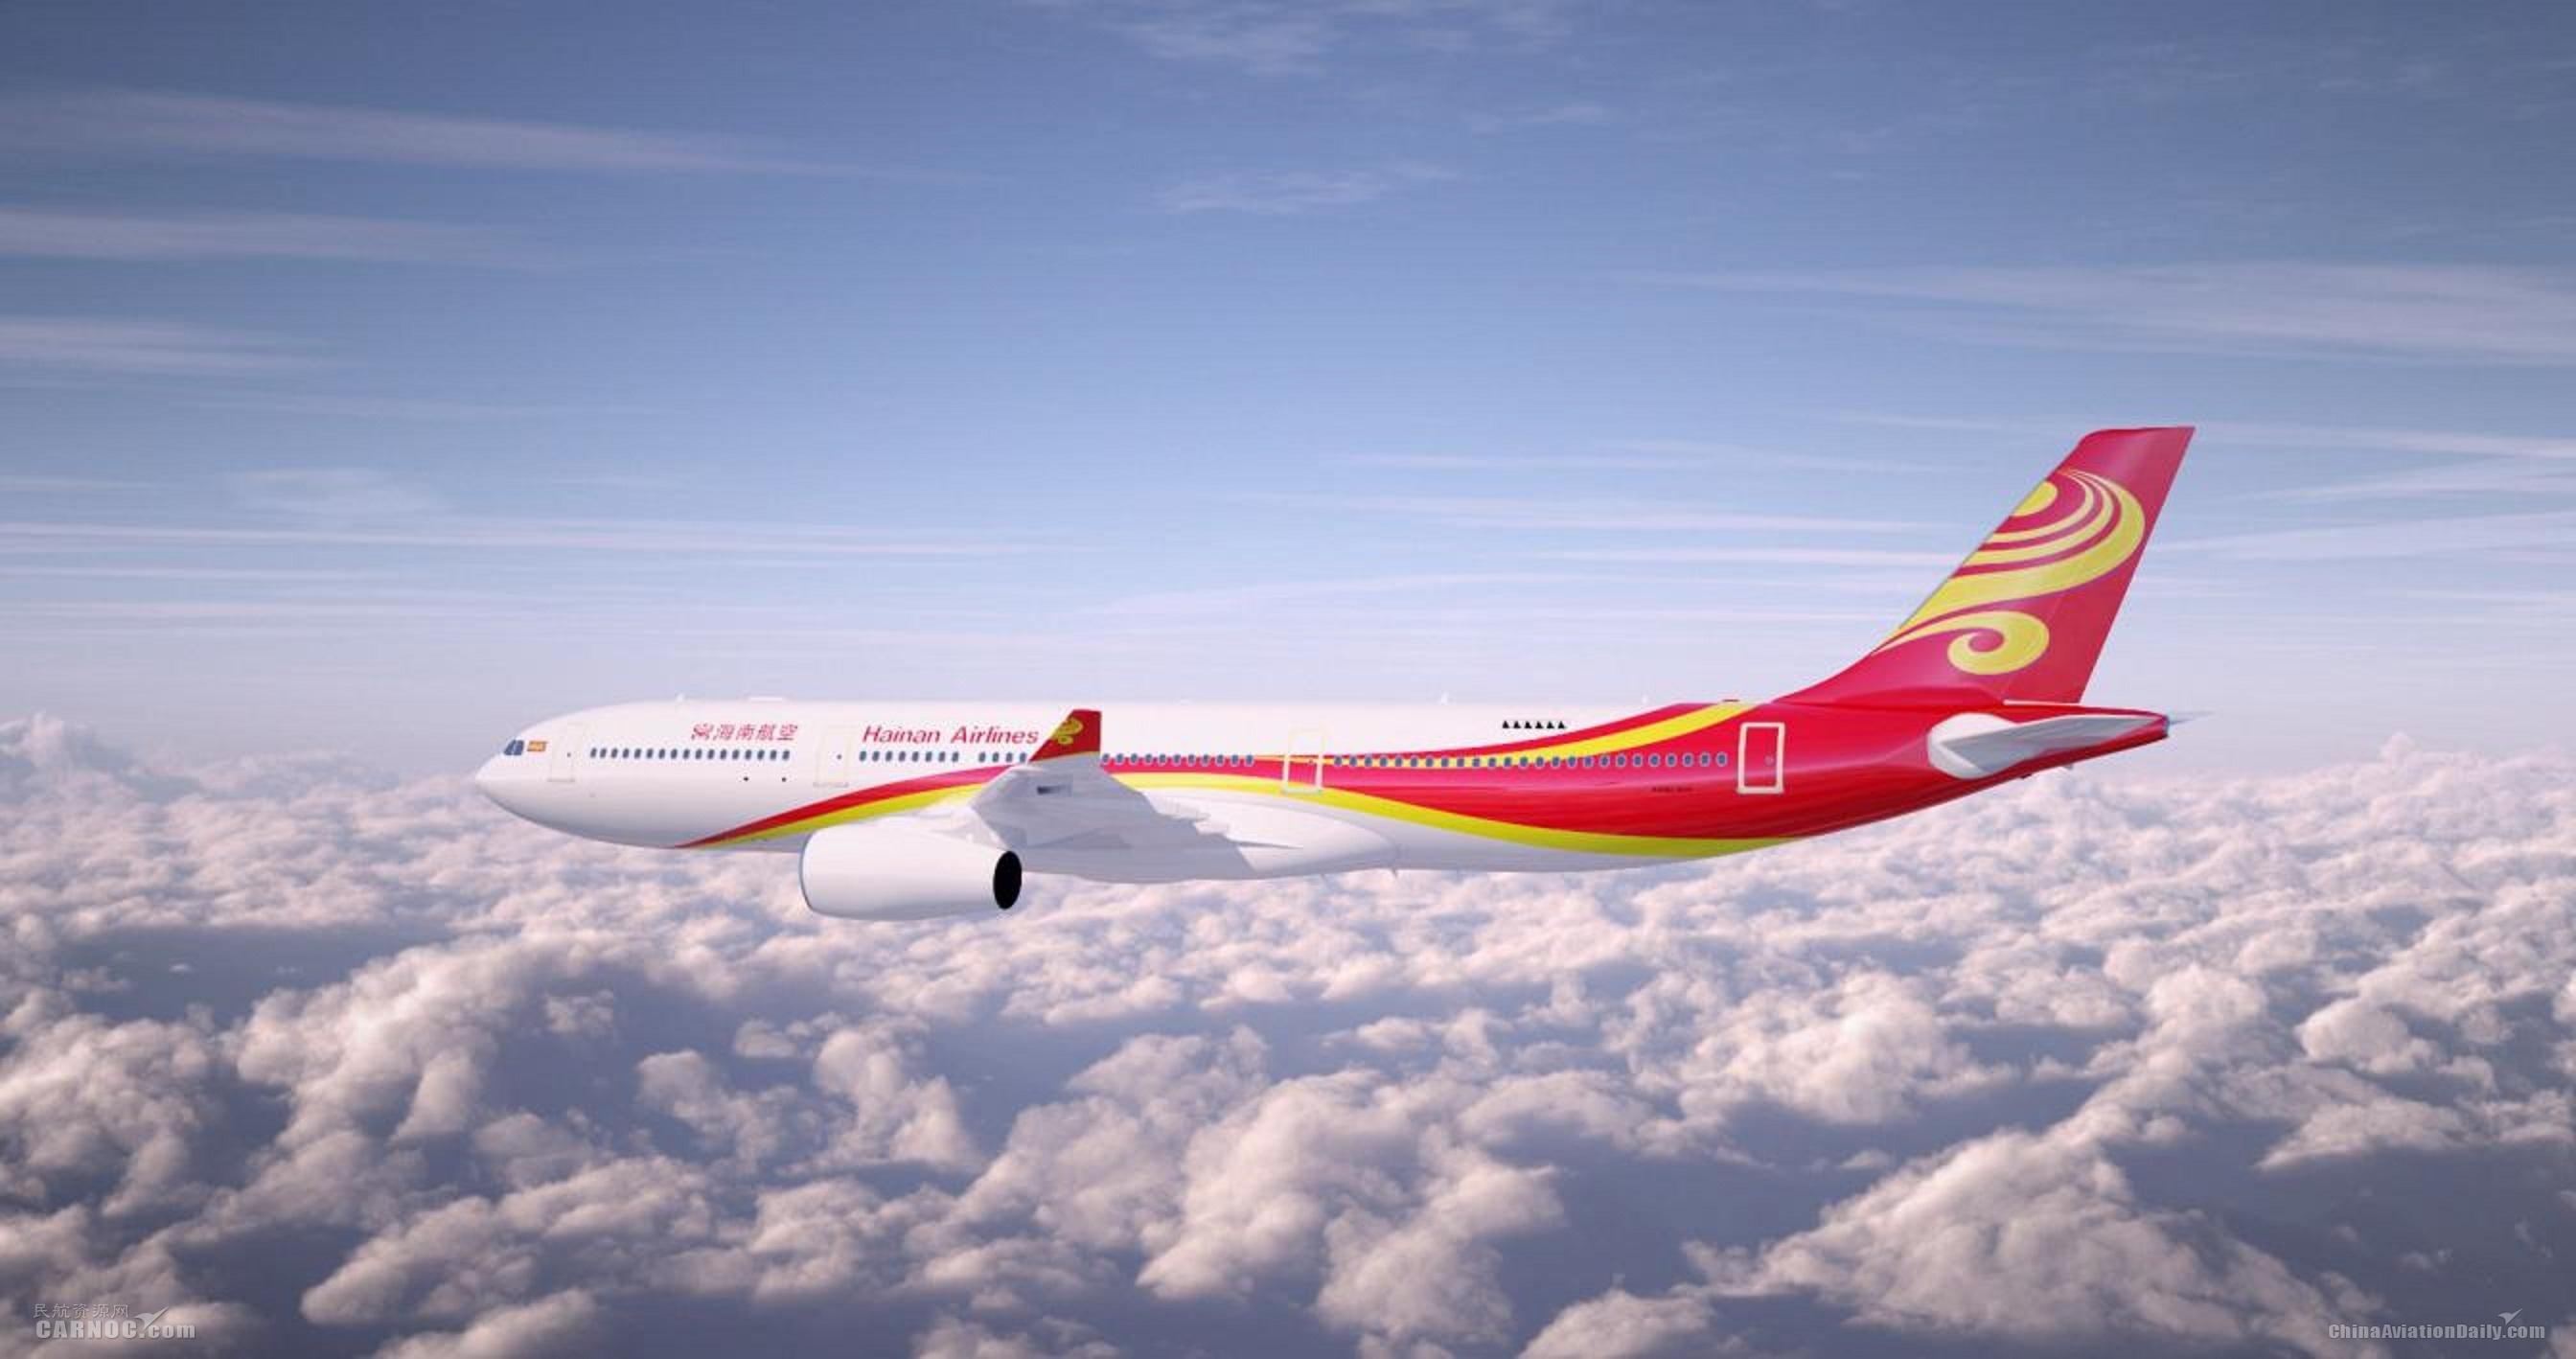 海航与携程联合直播 创新航空零售新模式